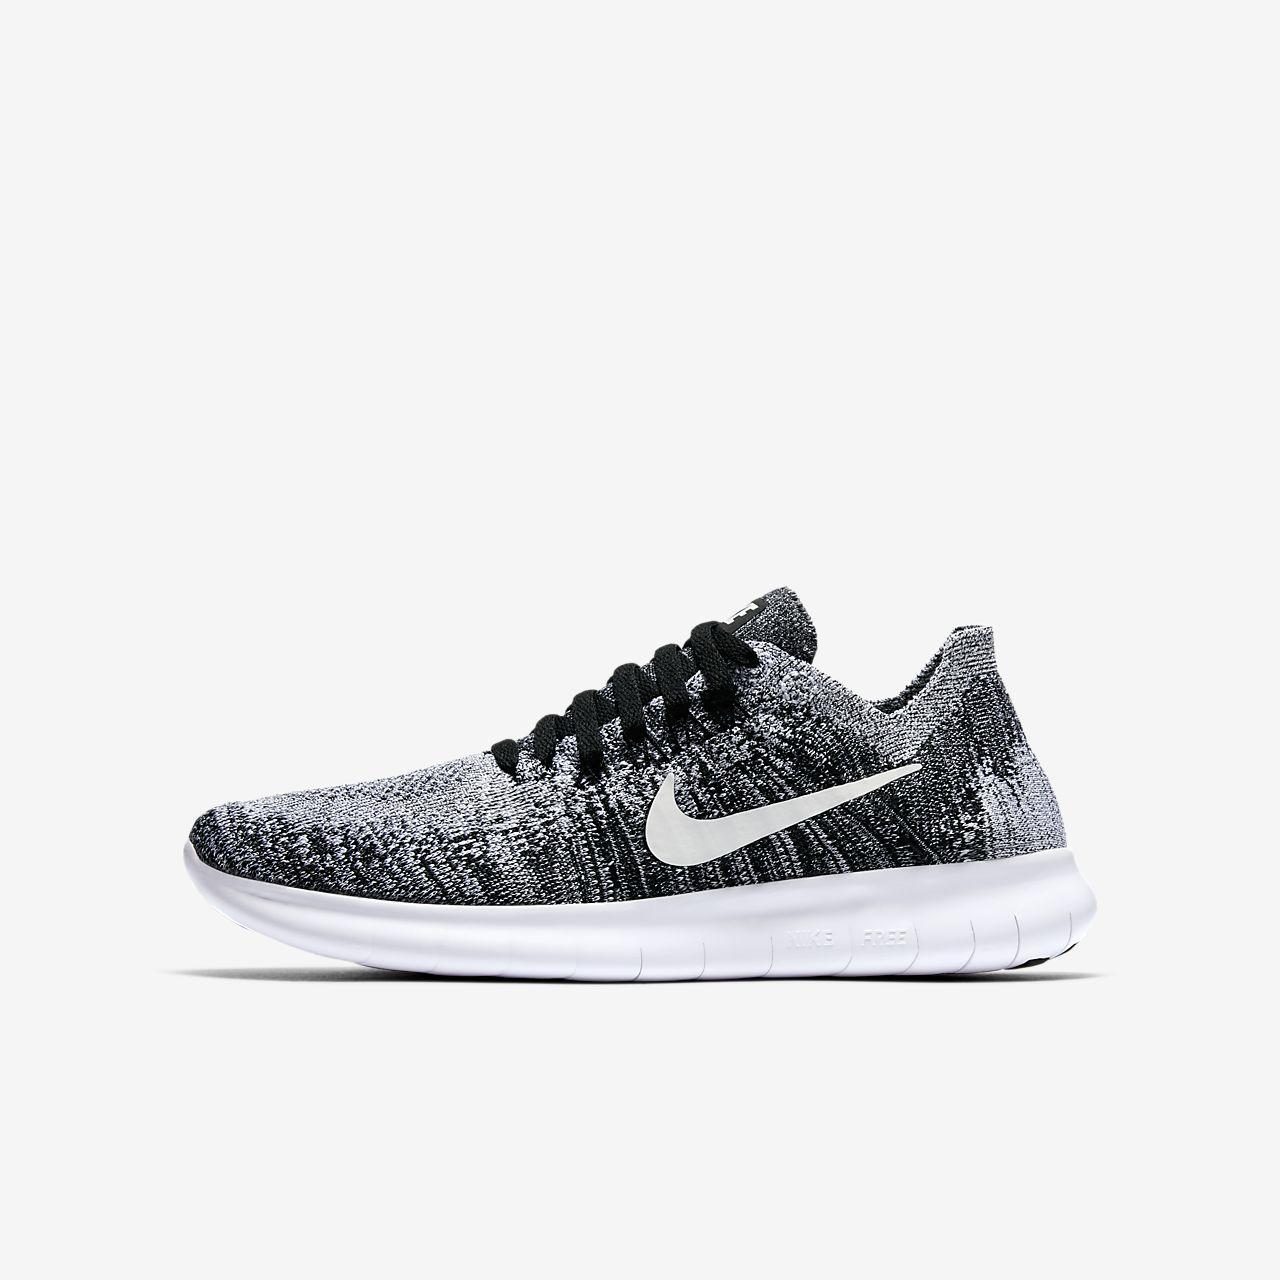 ... Nike Free RN Flyknit 2017 Zapatillas de running - Niño/a